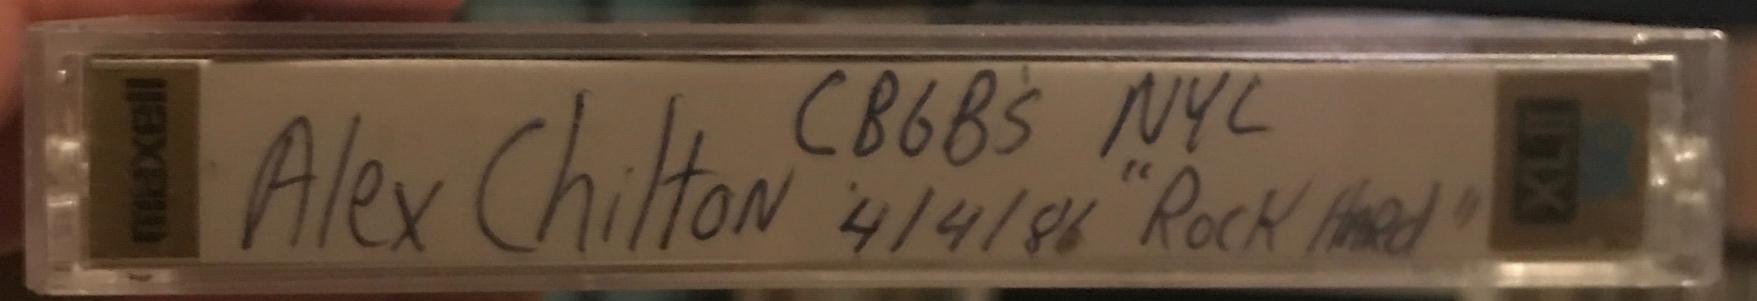 DF4DC474-8EE0-47BA-BD1C-26F9B92DBCA2.JPG